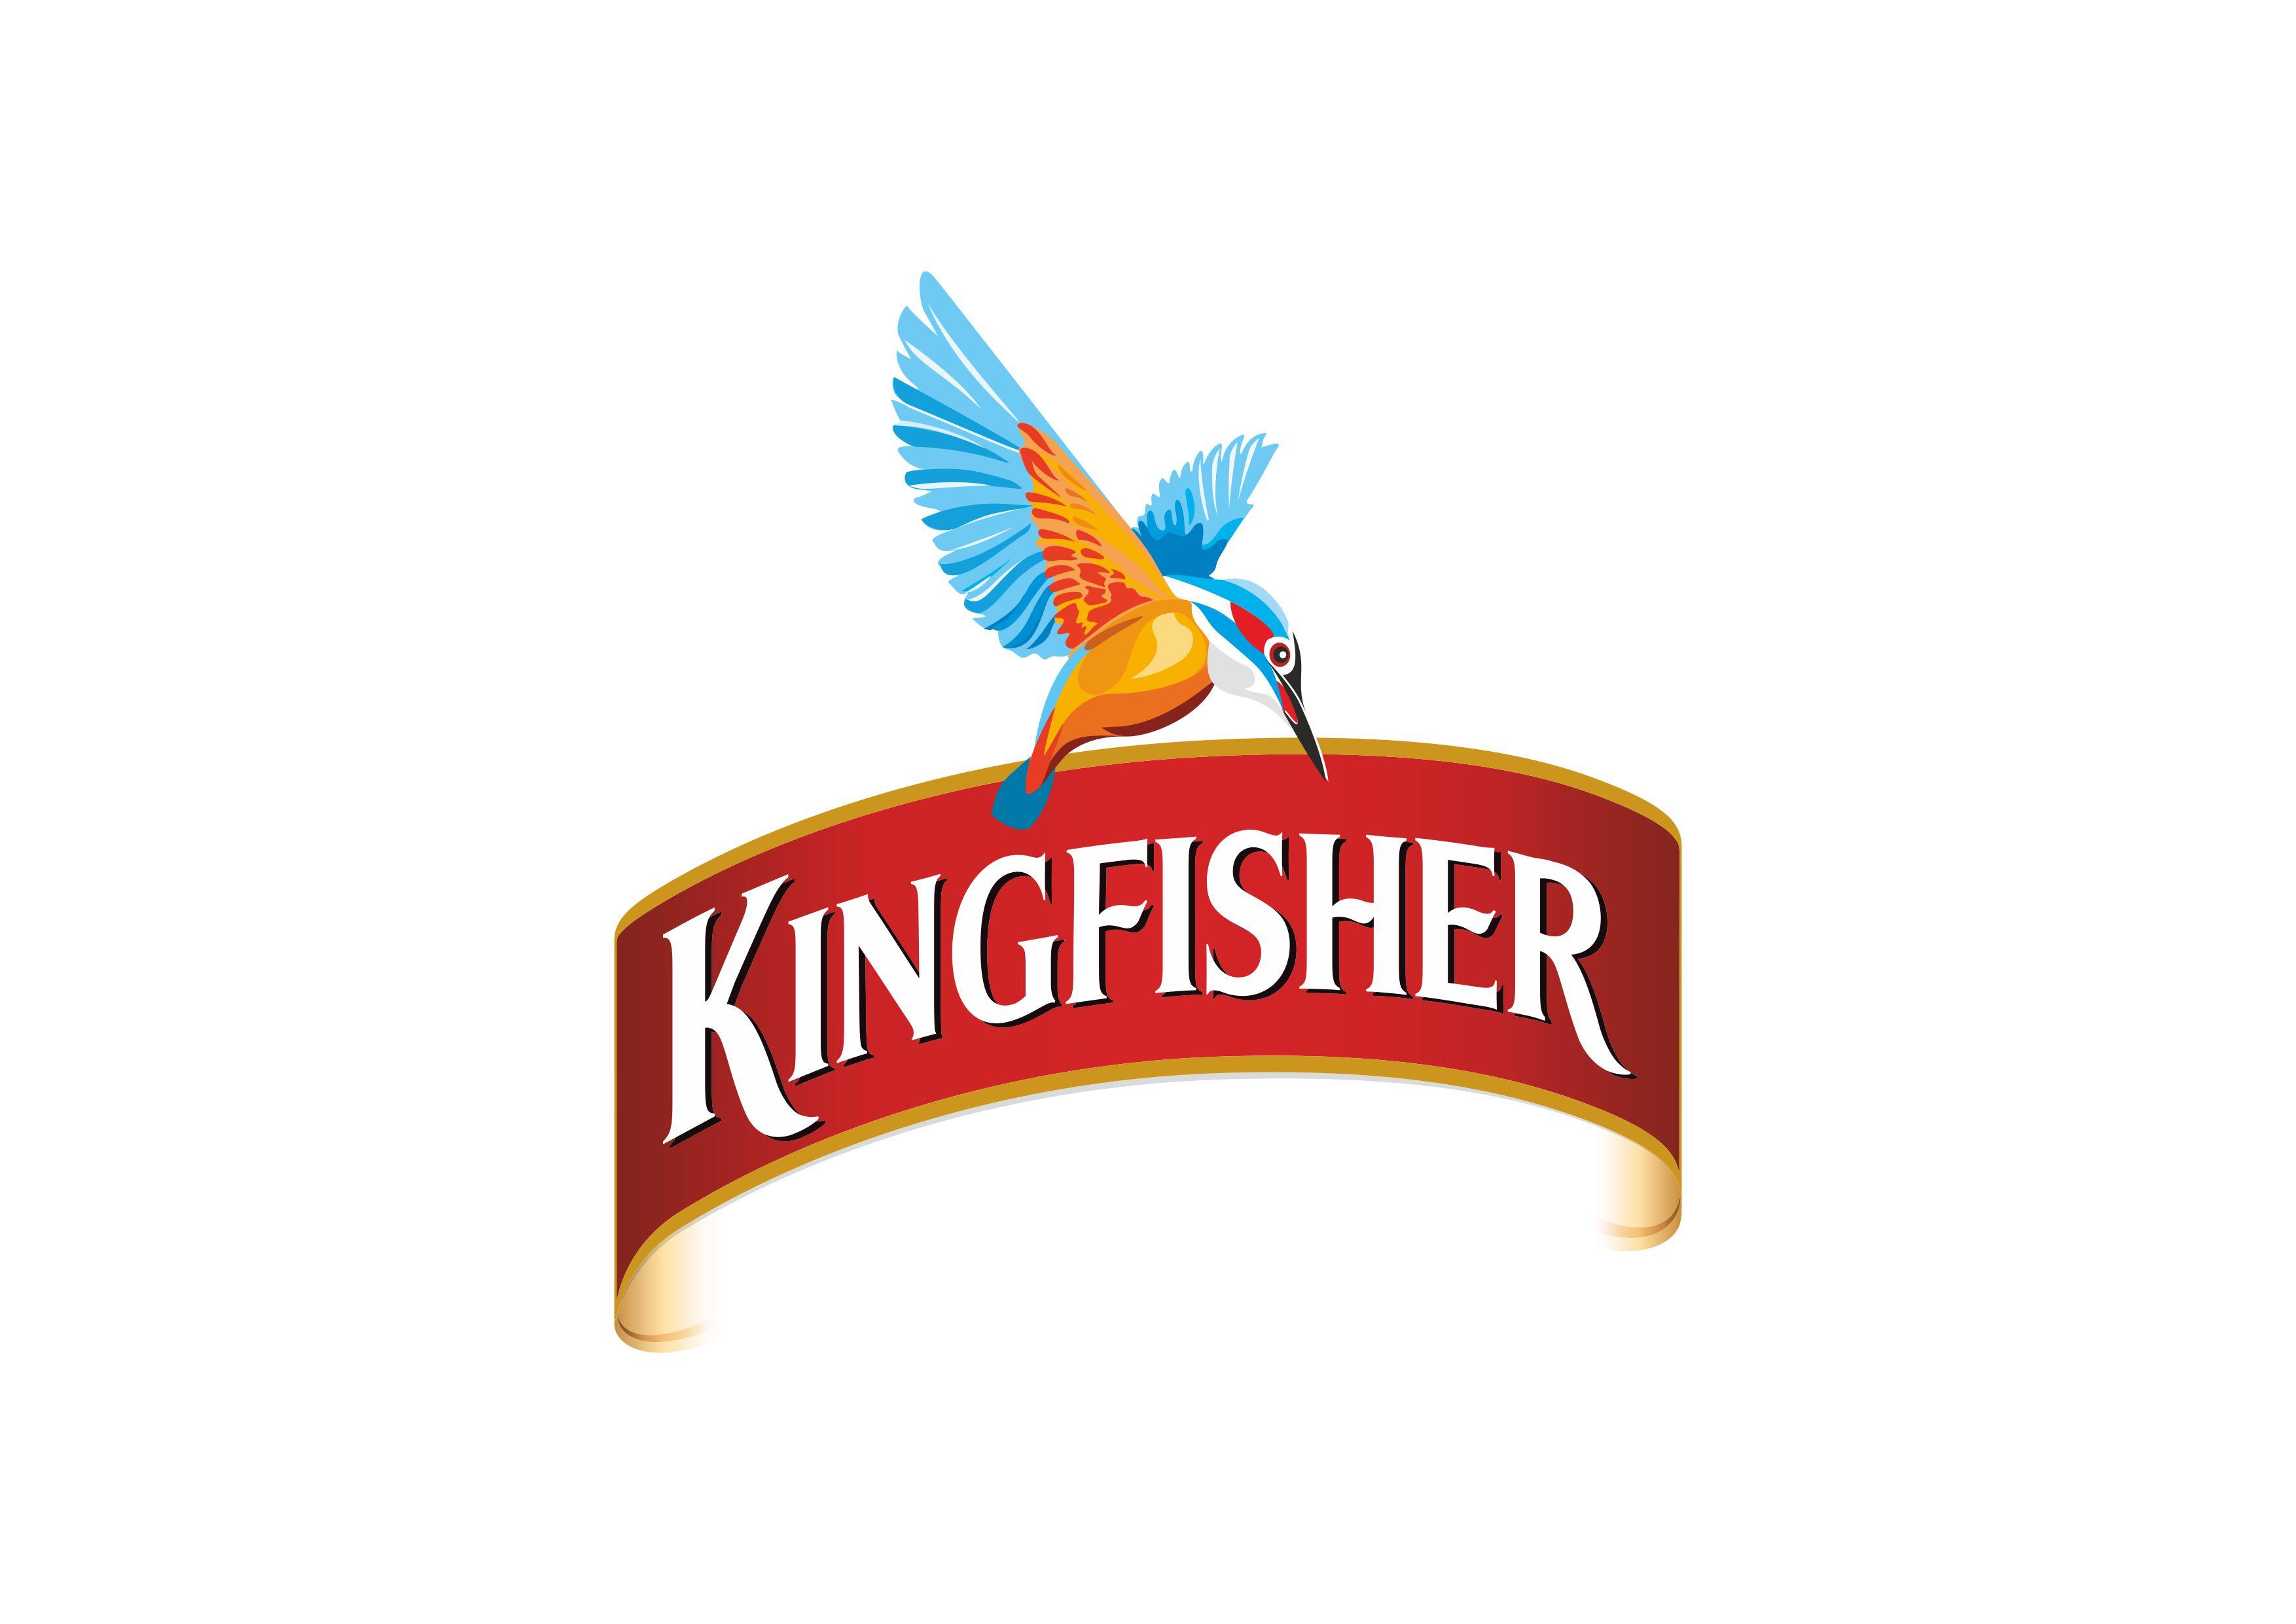 Kingfisher Logos